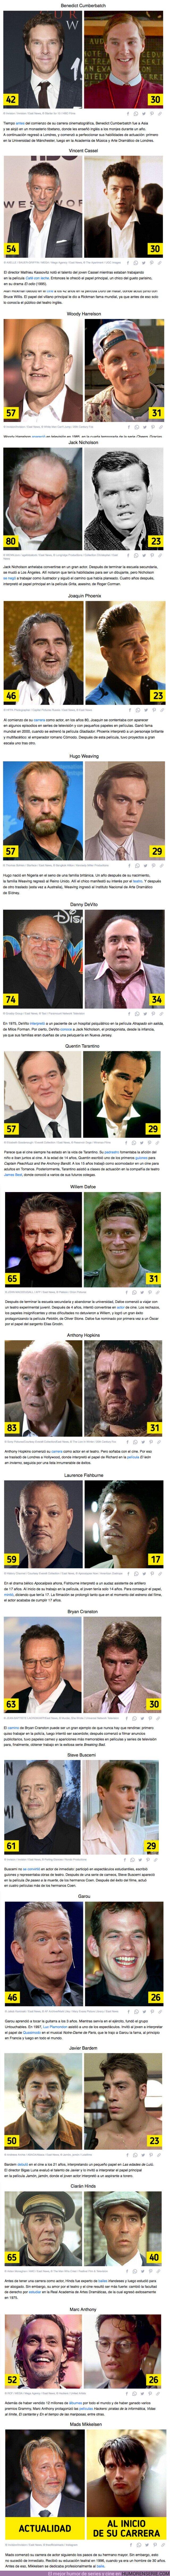 69854 - GALERÍA: Recordamos cómo se veían en la juventud 19 hombres famosos con una apariencia fuera de lo común